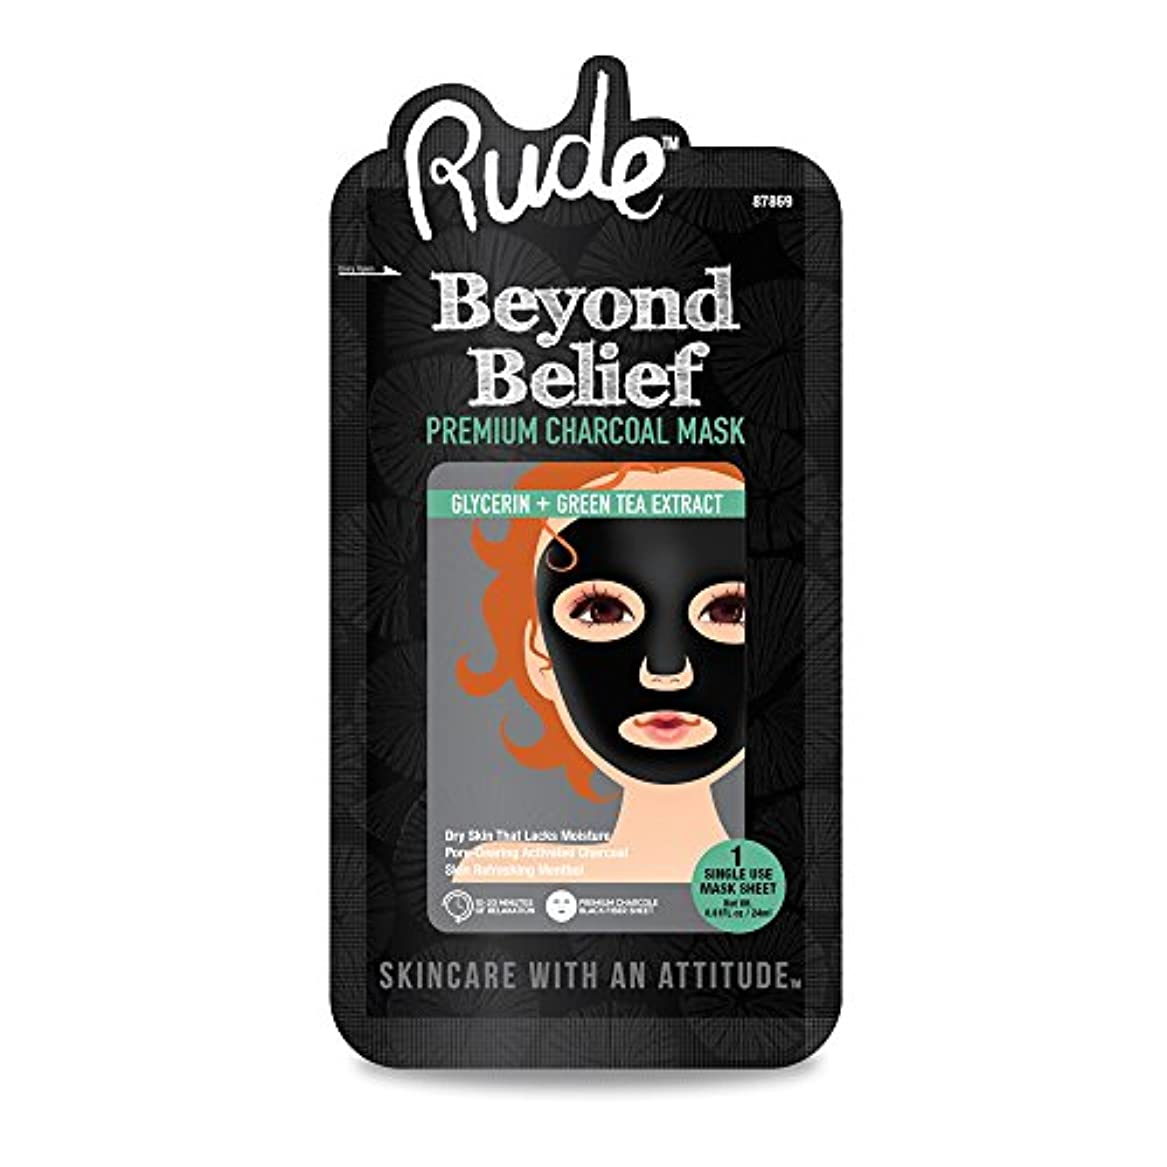 どんよりしたミル検索エンジン最適化RUDE Beyond Belief Purifying Charcoal Face Mask (並行輸入品)